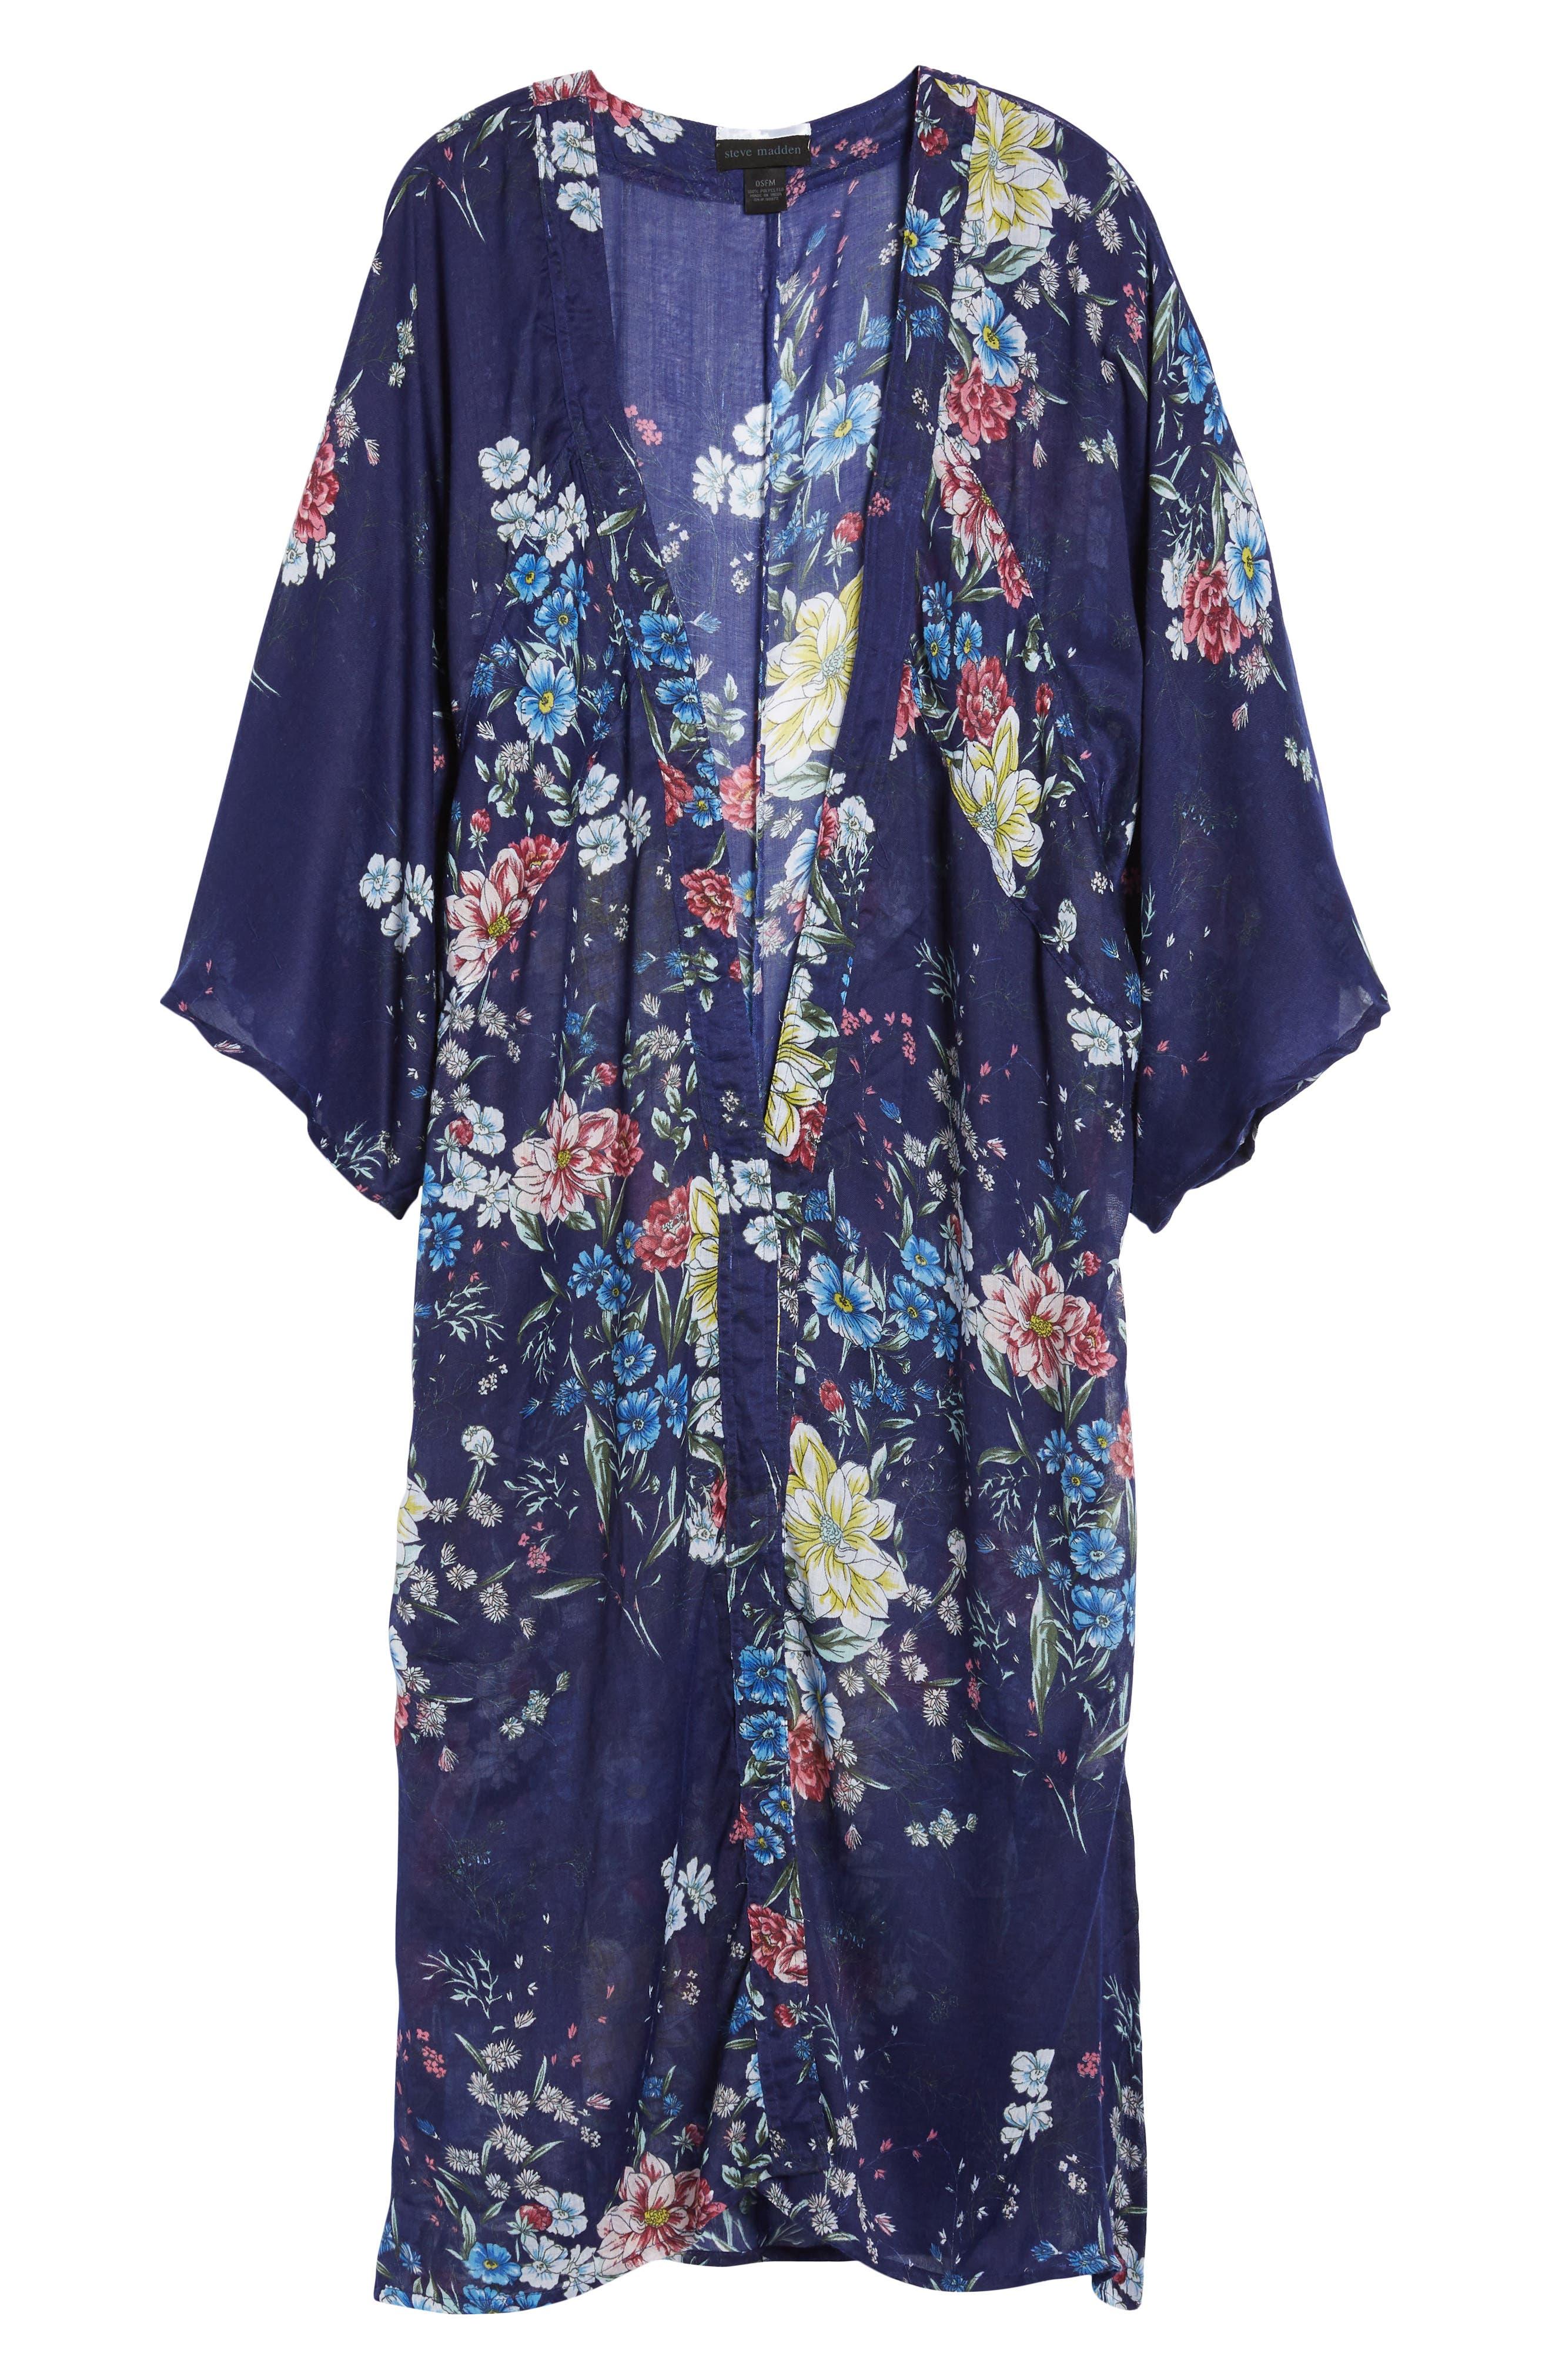 STEVE MADDEN,                             Floral Kimono Duster,                             Alternate thumbnail 6, color,                             410